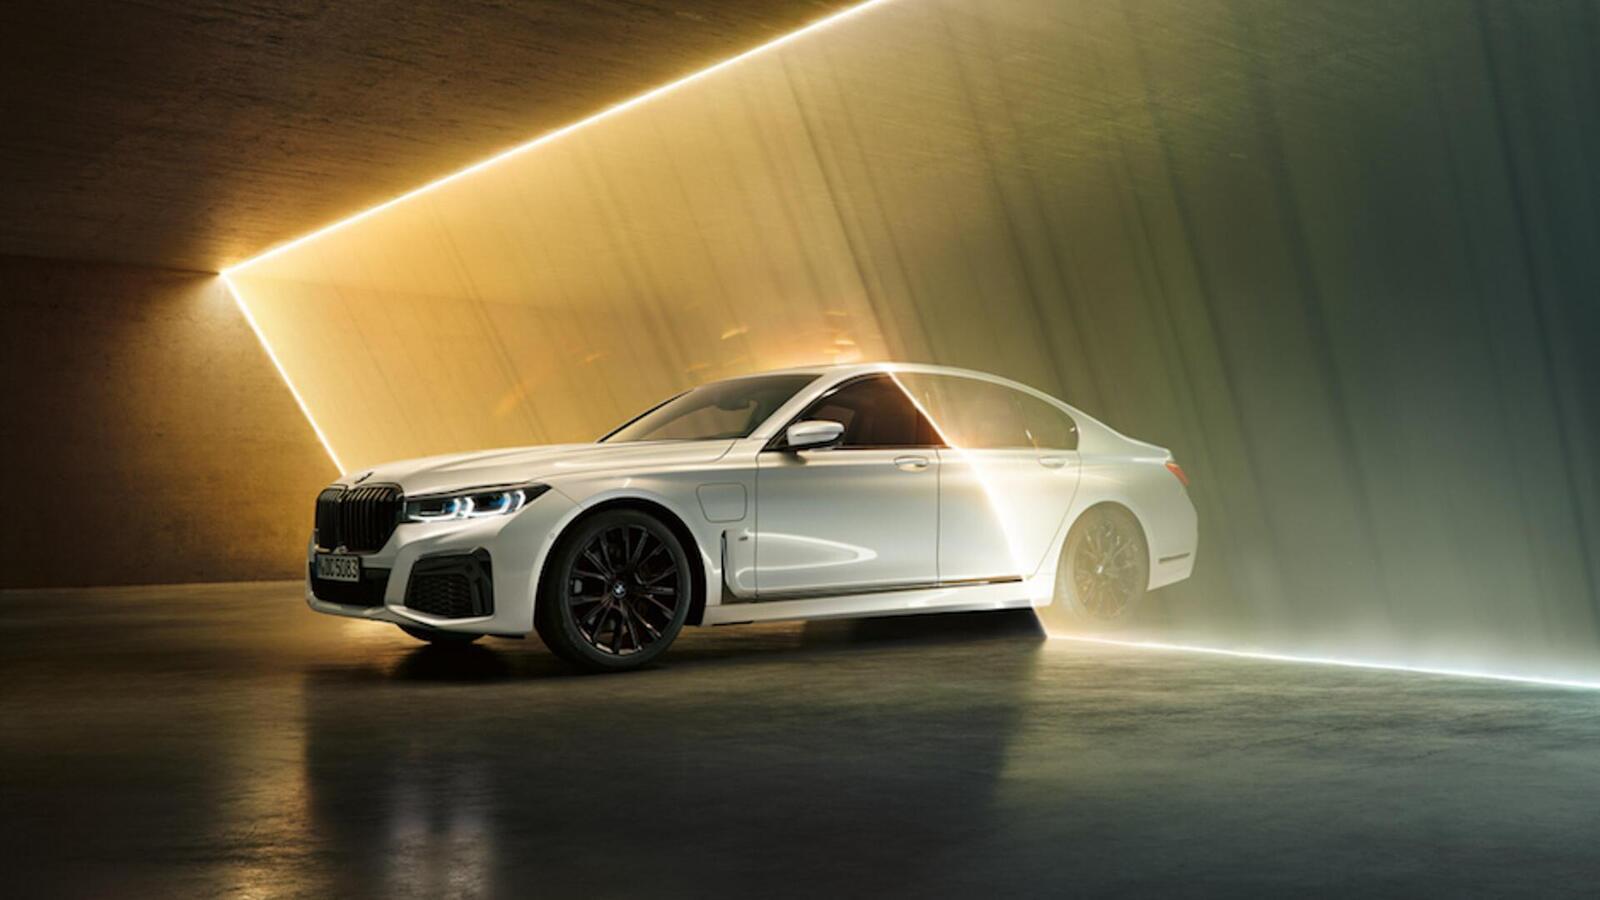 BMW giới thiệu 7 Series PHEV 2020 mới; lắp động cơ 3.0L mới thay chế cho 2.0L cũ - Hình 1